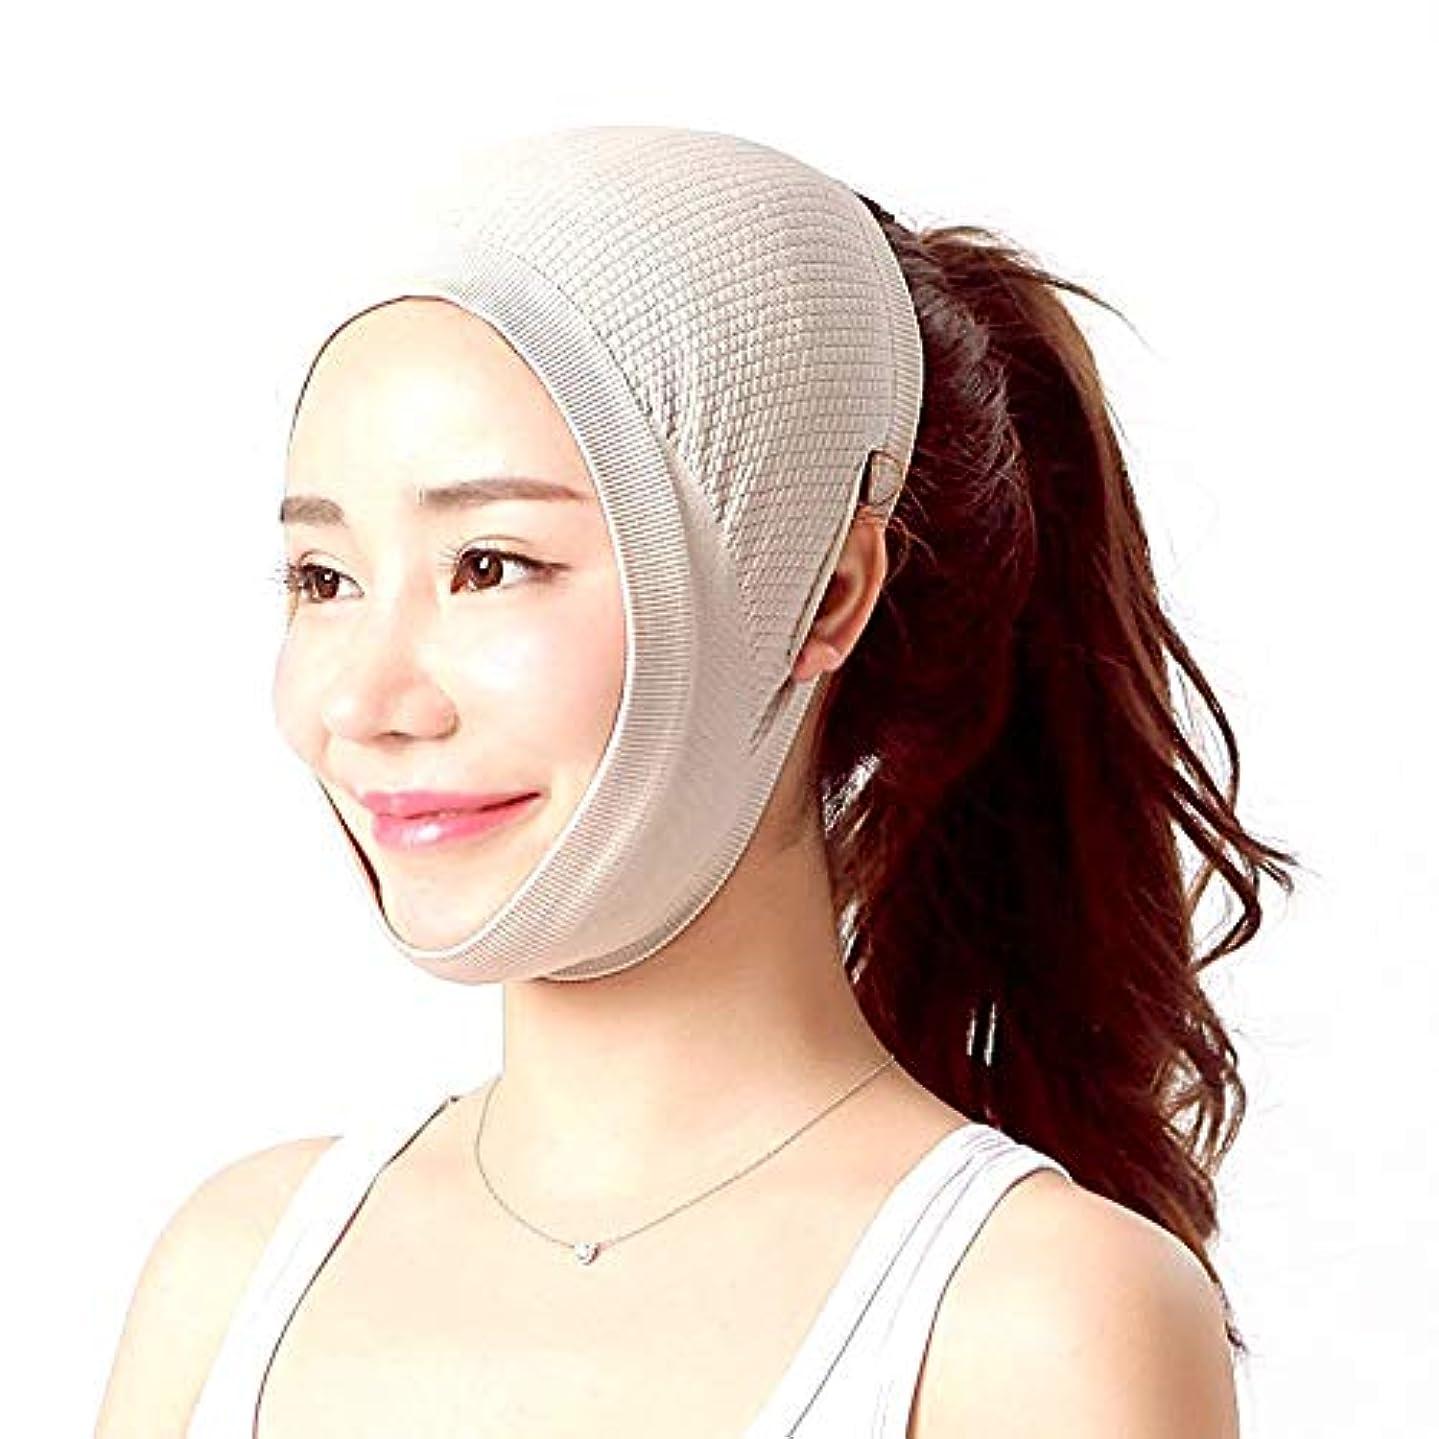 コンパイル不幸半島フェイスリフティングアーティファクト包帯ライン術後回復包帯リフティングフェイスフードVフェイス包帯リフティングVフェイス美容マスク - 肌のトーン